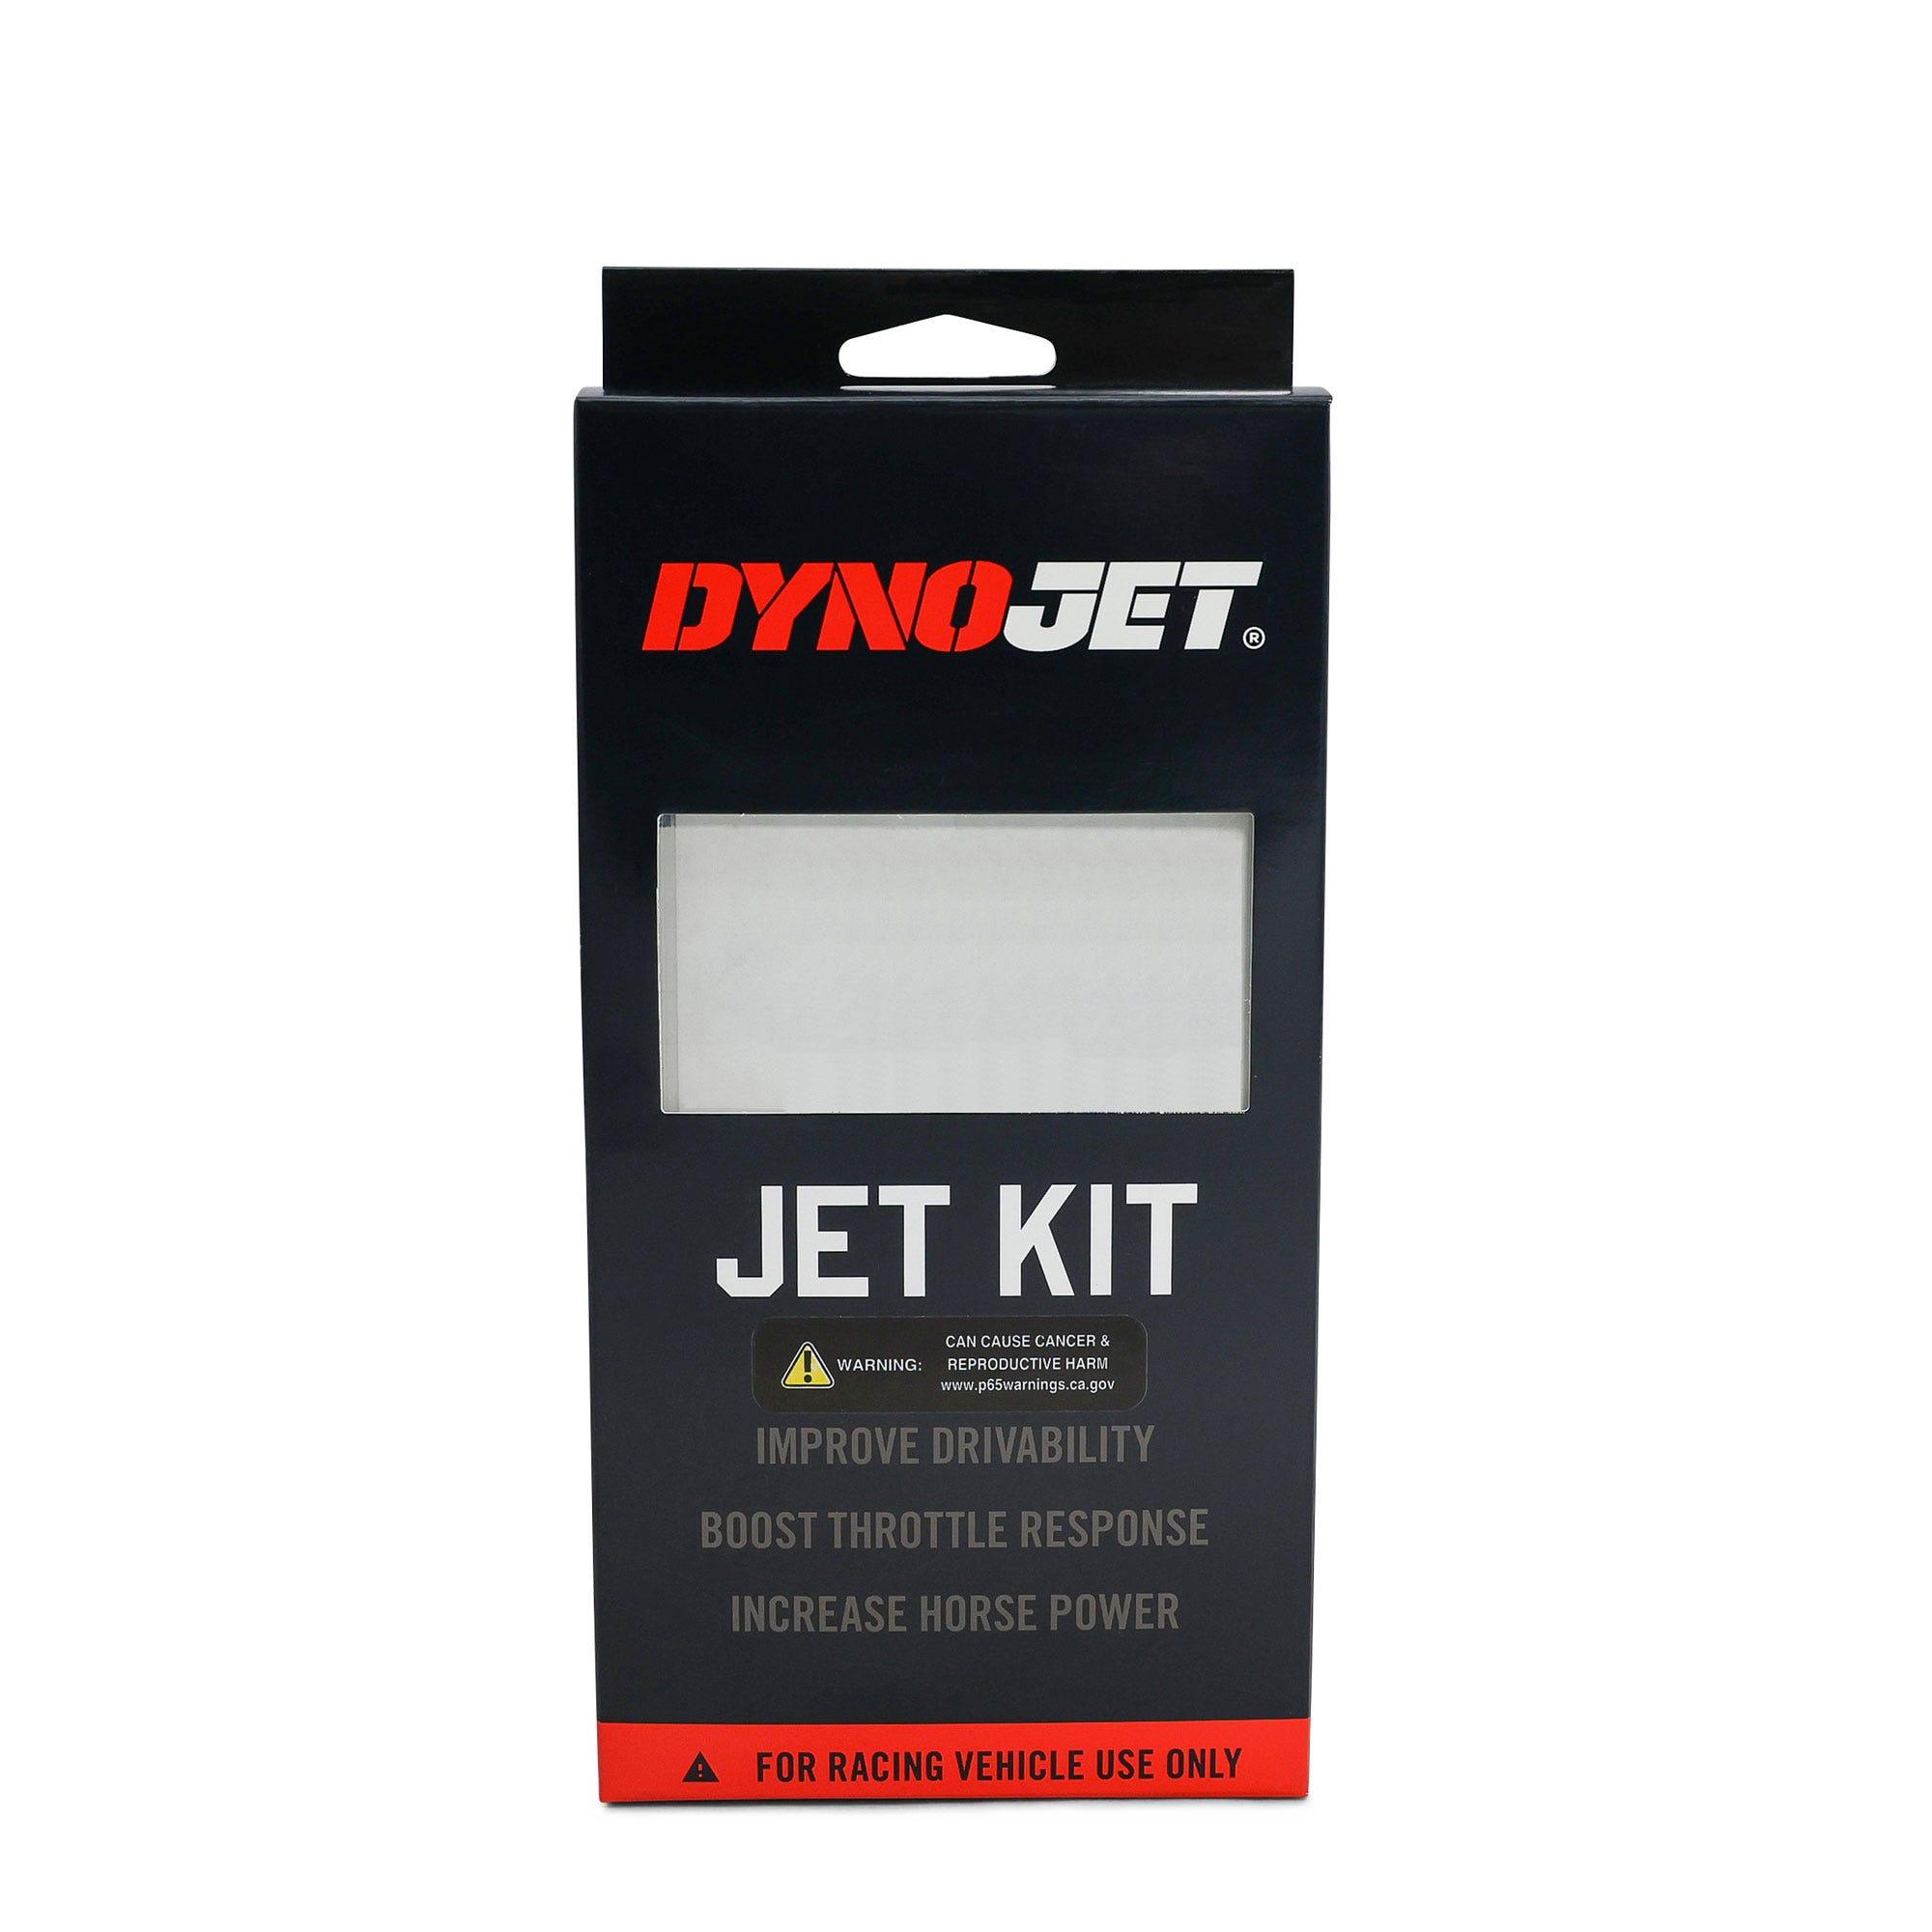 Dynojet Q317 Jet Kit for Suzuki King Quad 400